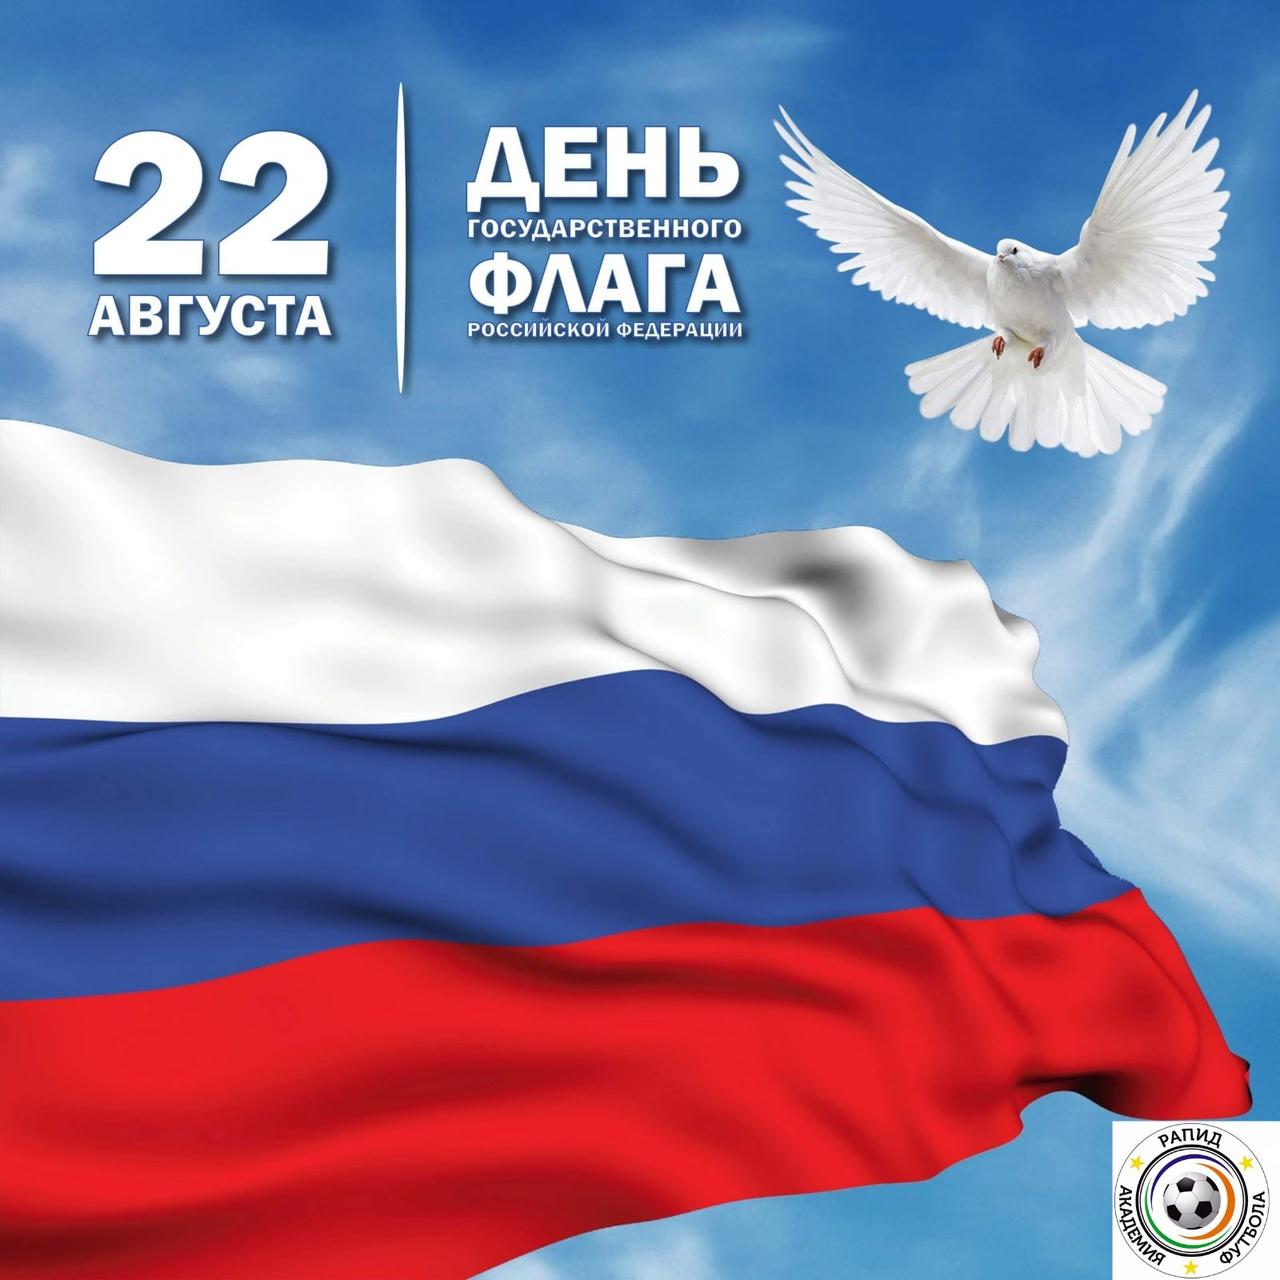 Поздравляем с днём Российского флага!